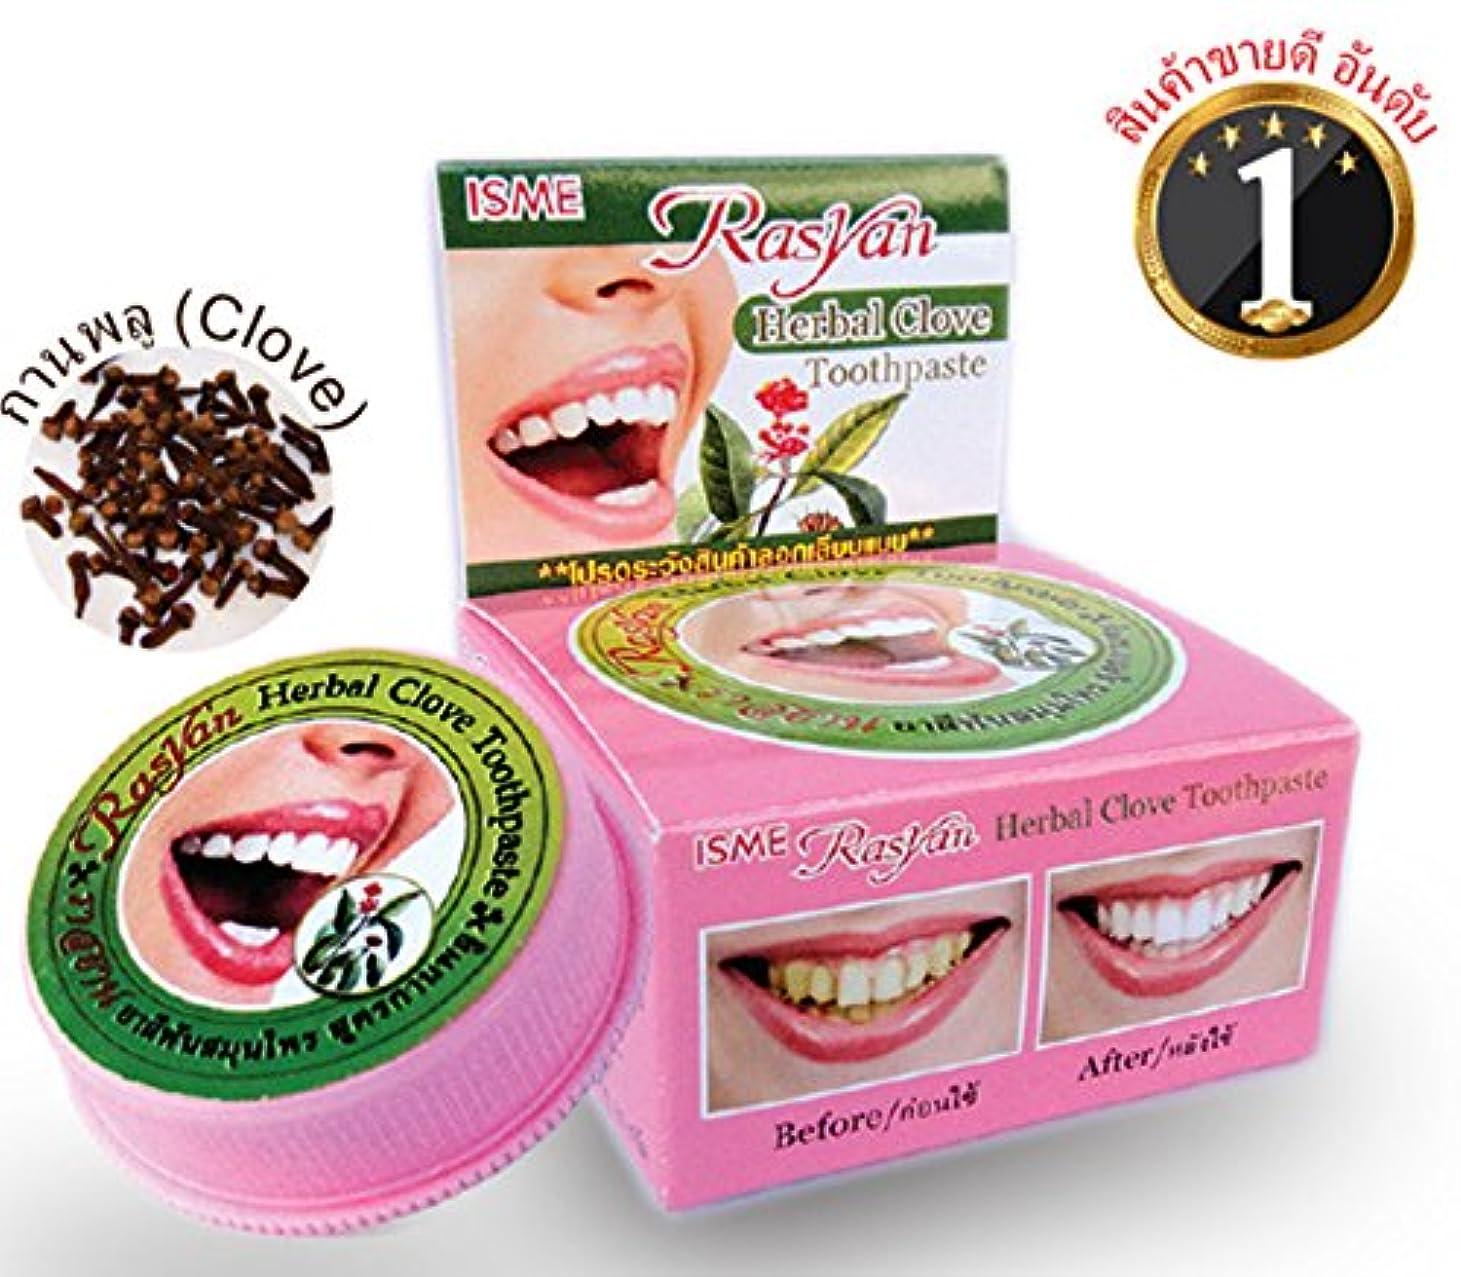 ポーン冷蔵するシソーラス練り歯磨き ハーブ Thai Herbal Rasyan Herbal Clove Toothpaste (5 Gram Size) 2 Pcs.